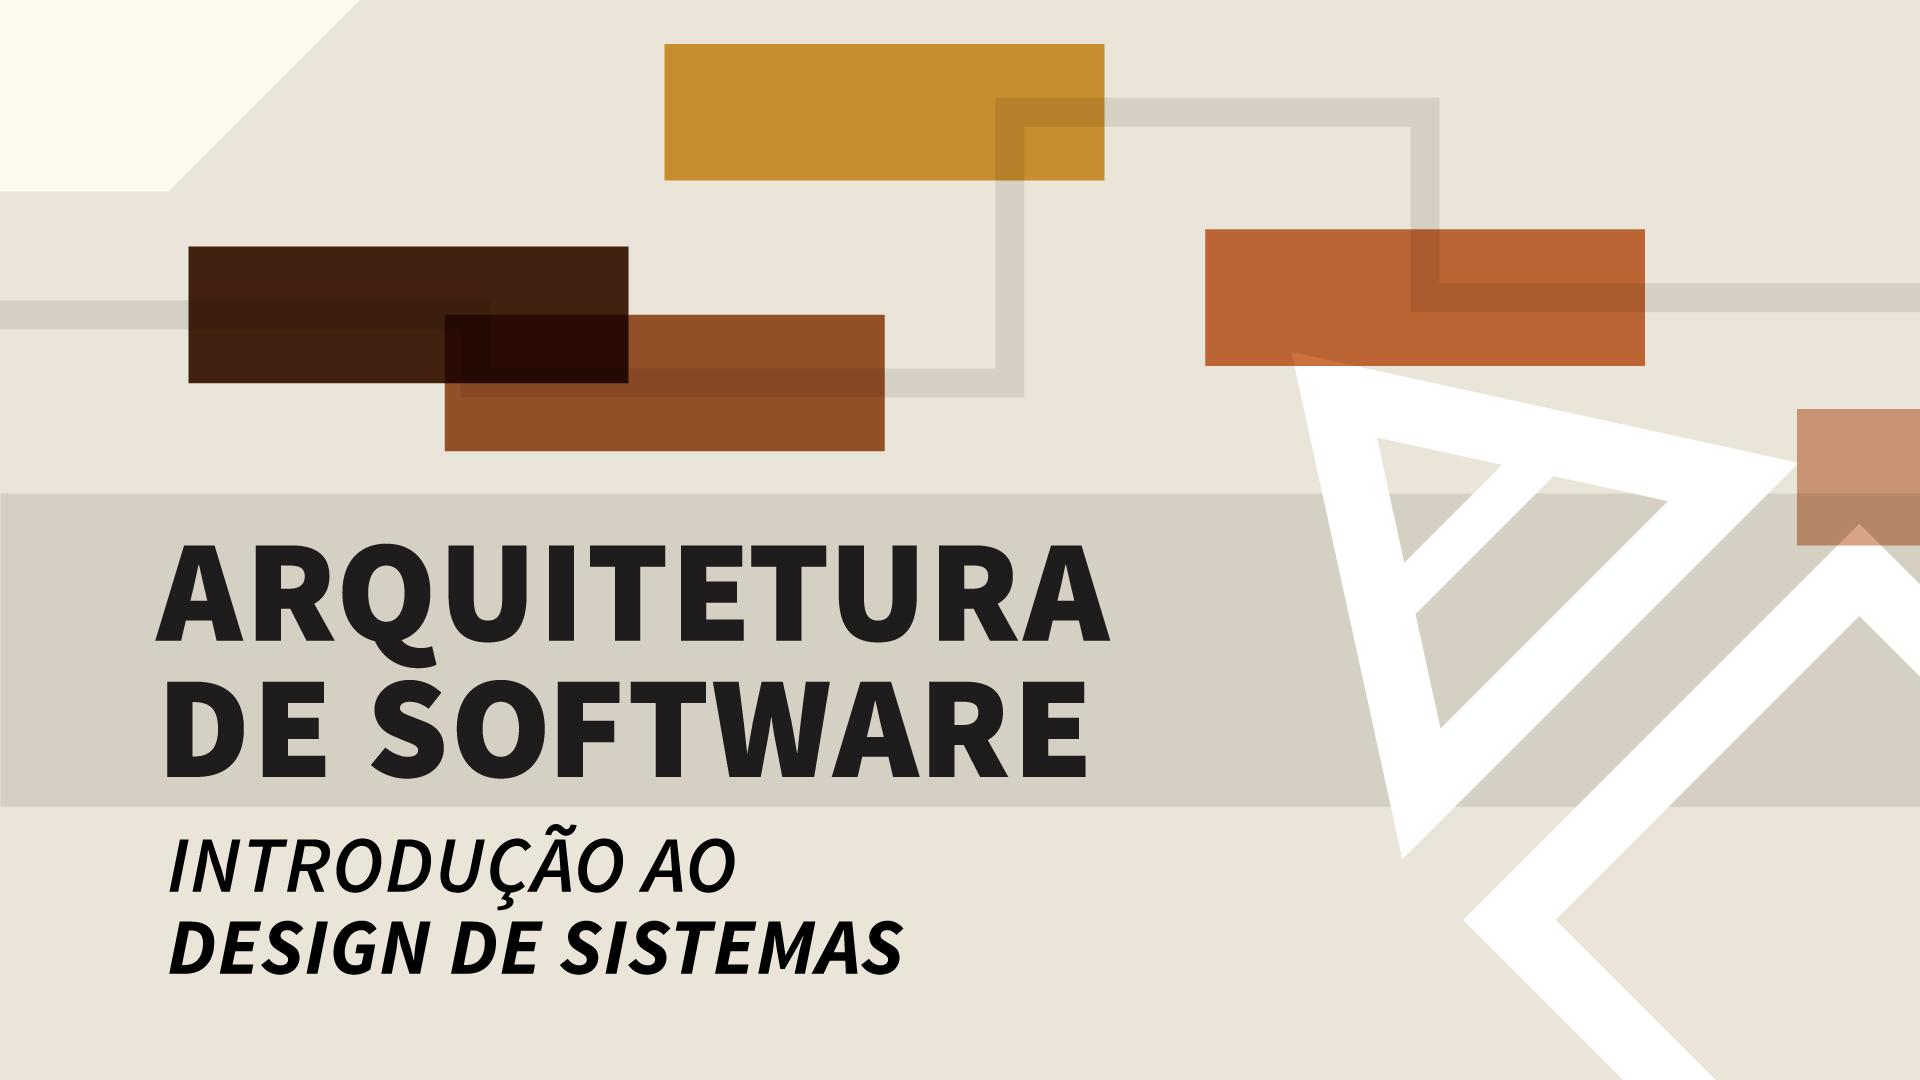 Arquitetura de Software: Introdução ao Design de Sistemas